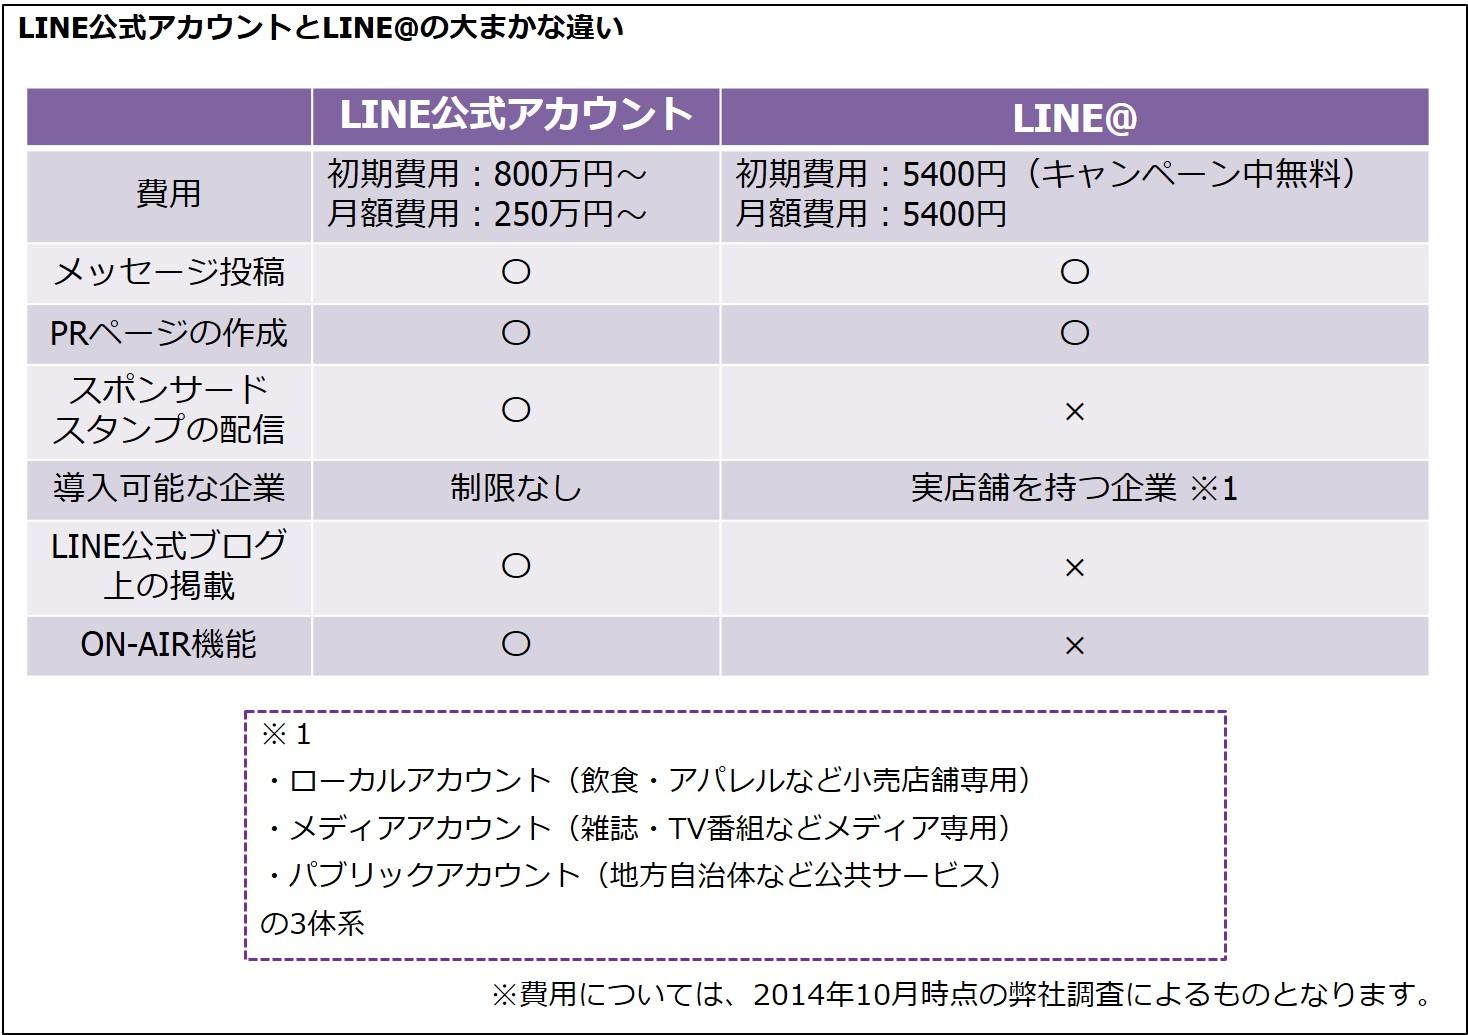 LINEを活用した企業プロモーション